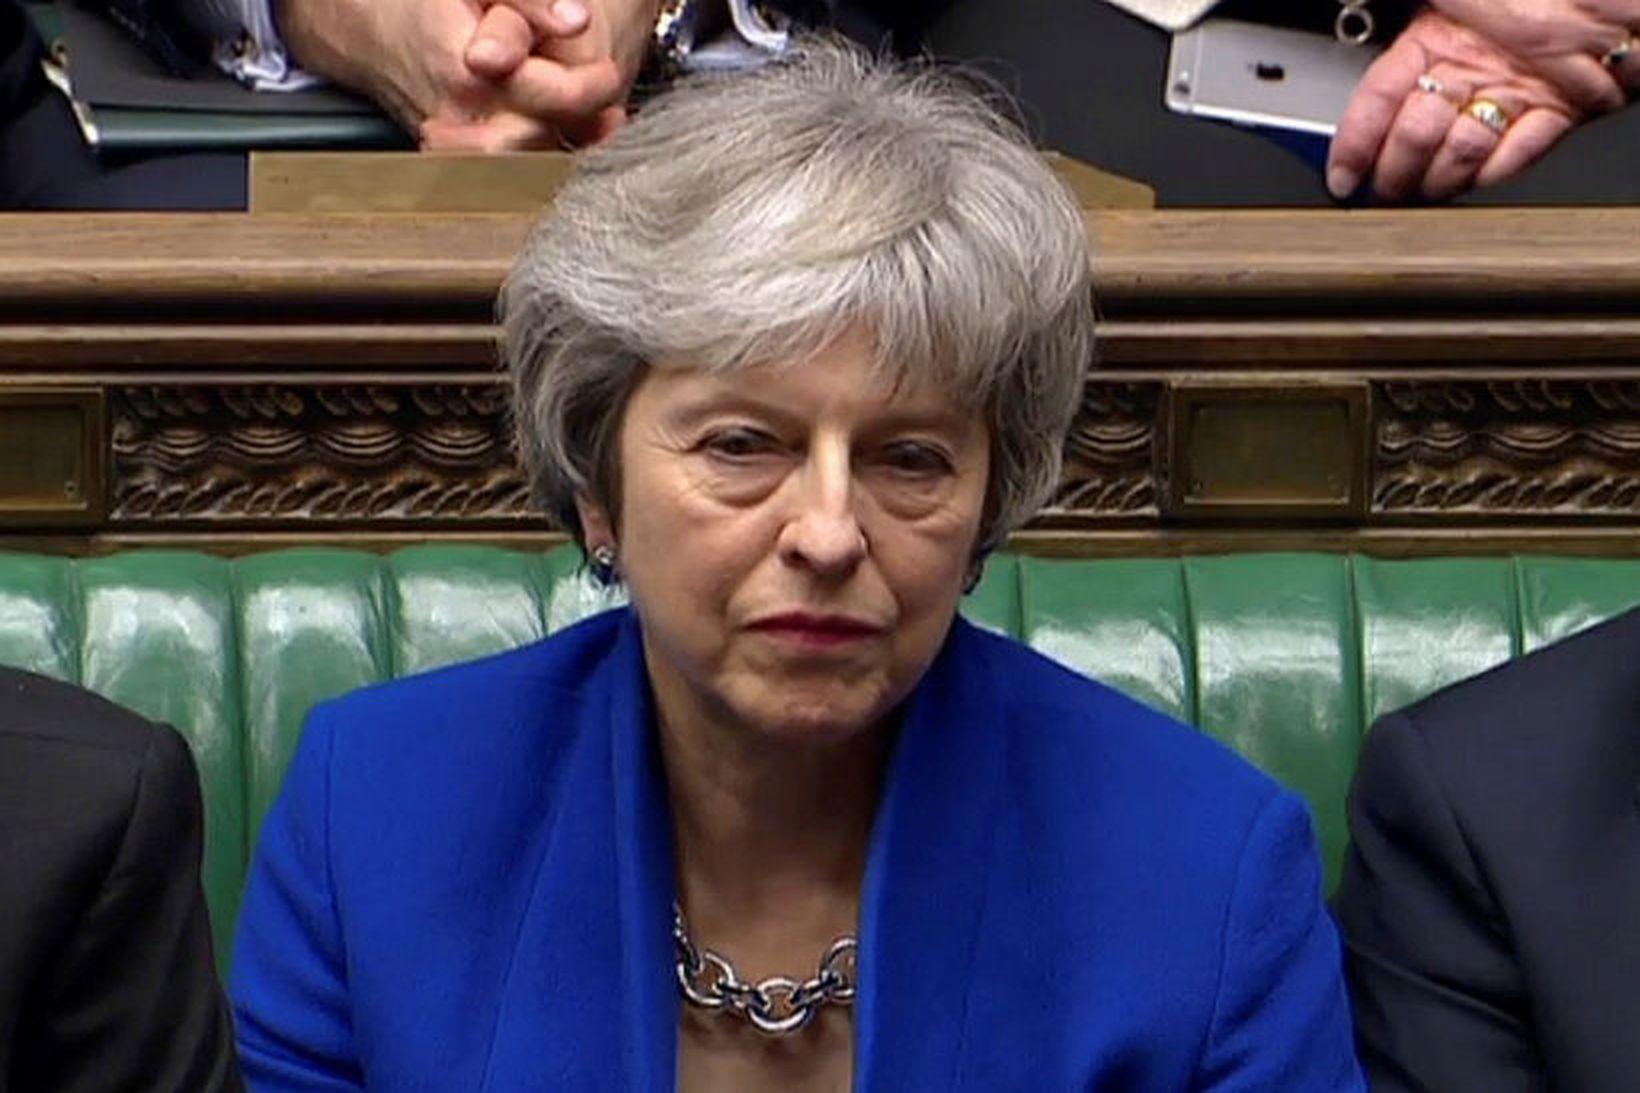 Theresa May, forsætisráðherra Bretlands, í breska þinginu í kvöld þegar …